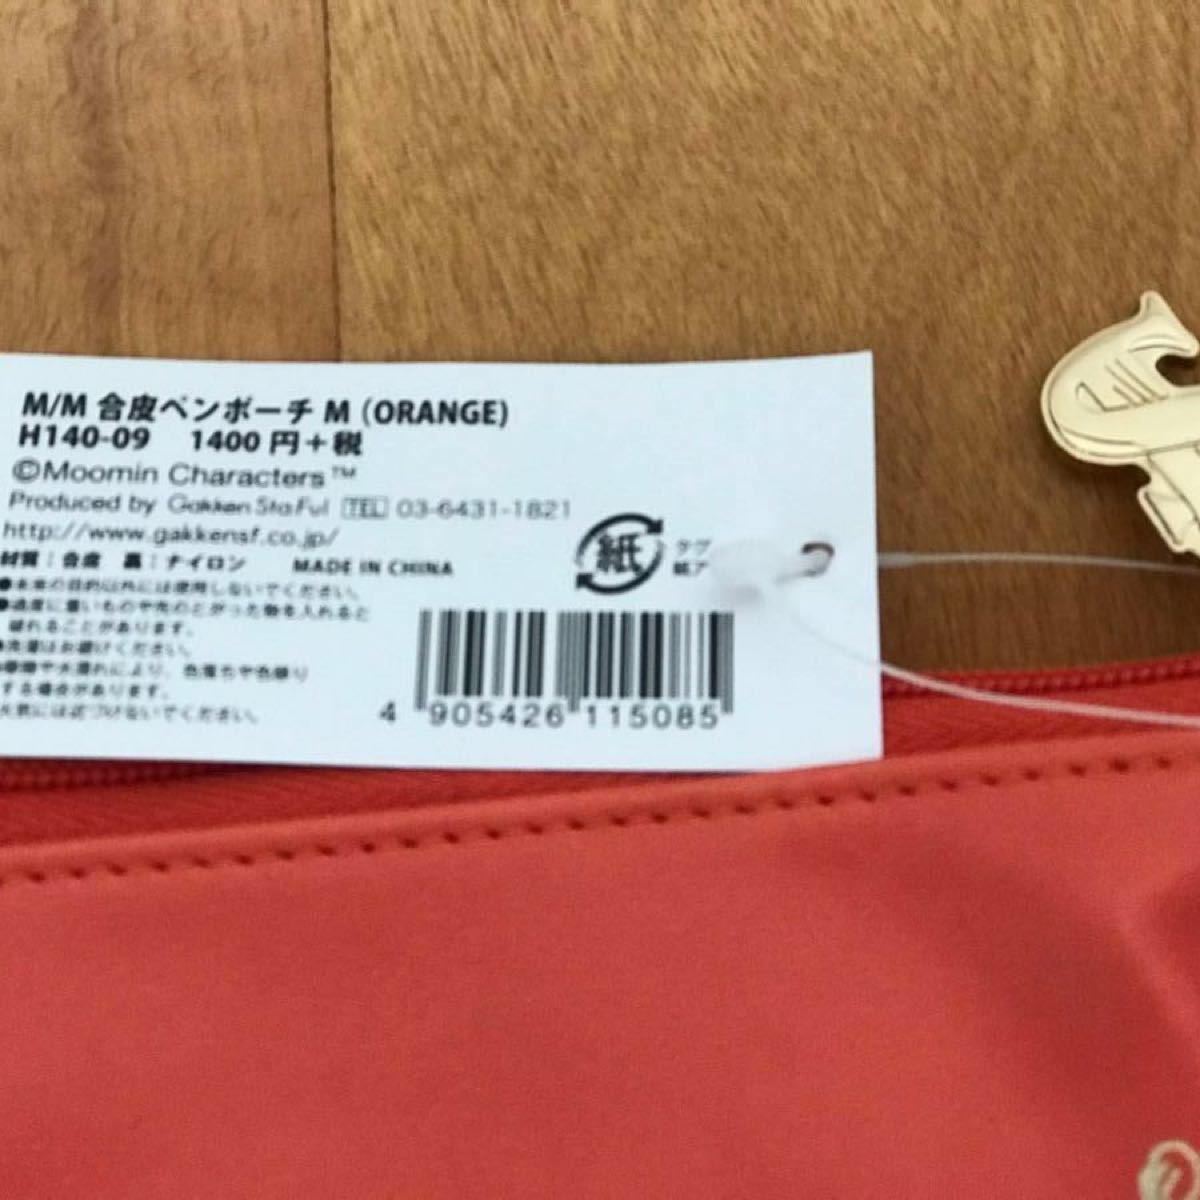 【ペンケース】ムーミンmoomin合皮ペンポーチH140-09